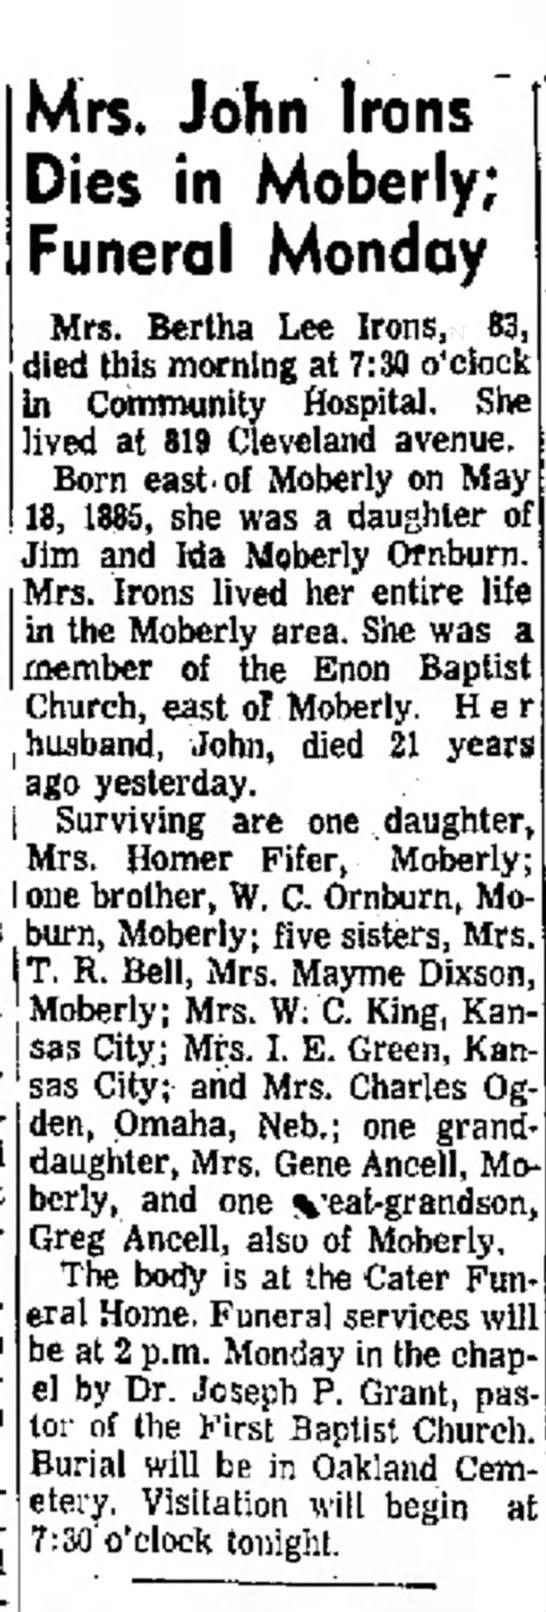 W.C. Ornburn's sistr Bertha dies at 83 - Ander- Mrs. John Irons Dies in Moberly; Funeral...